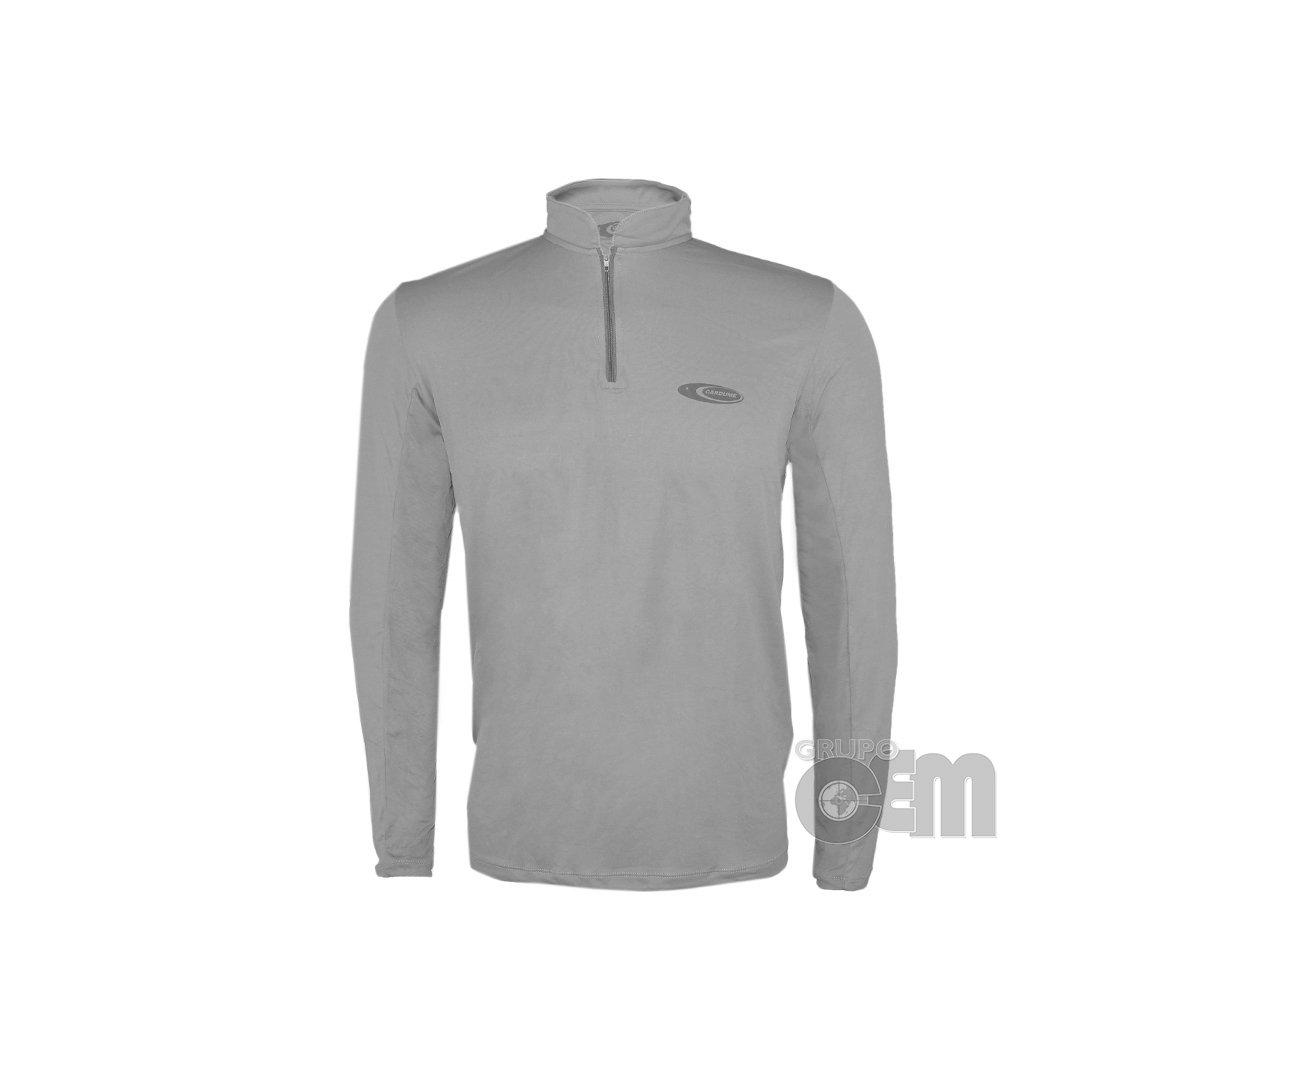 Camiseta Fisherman Areia - Proteção Uva/uvb 50+ Fps - Cardume